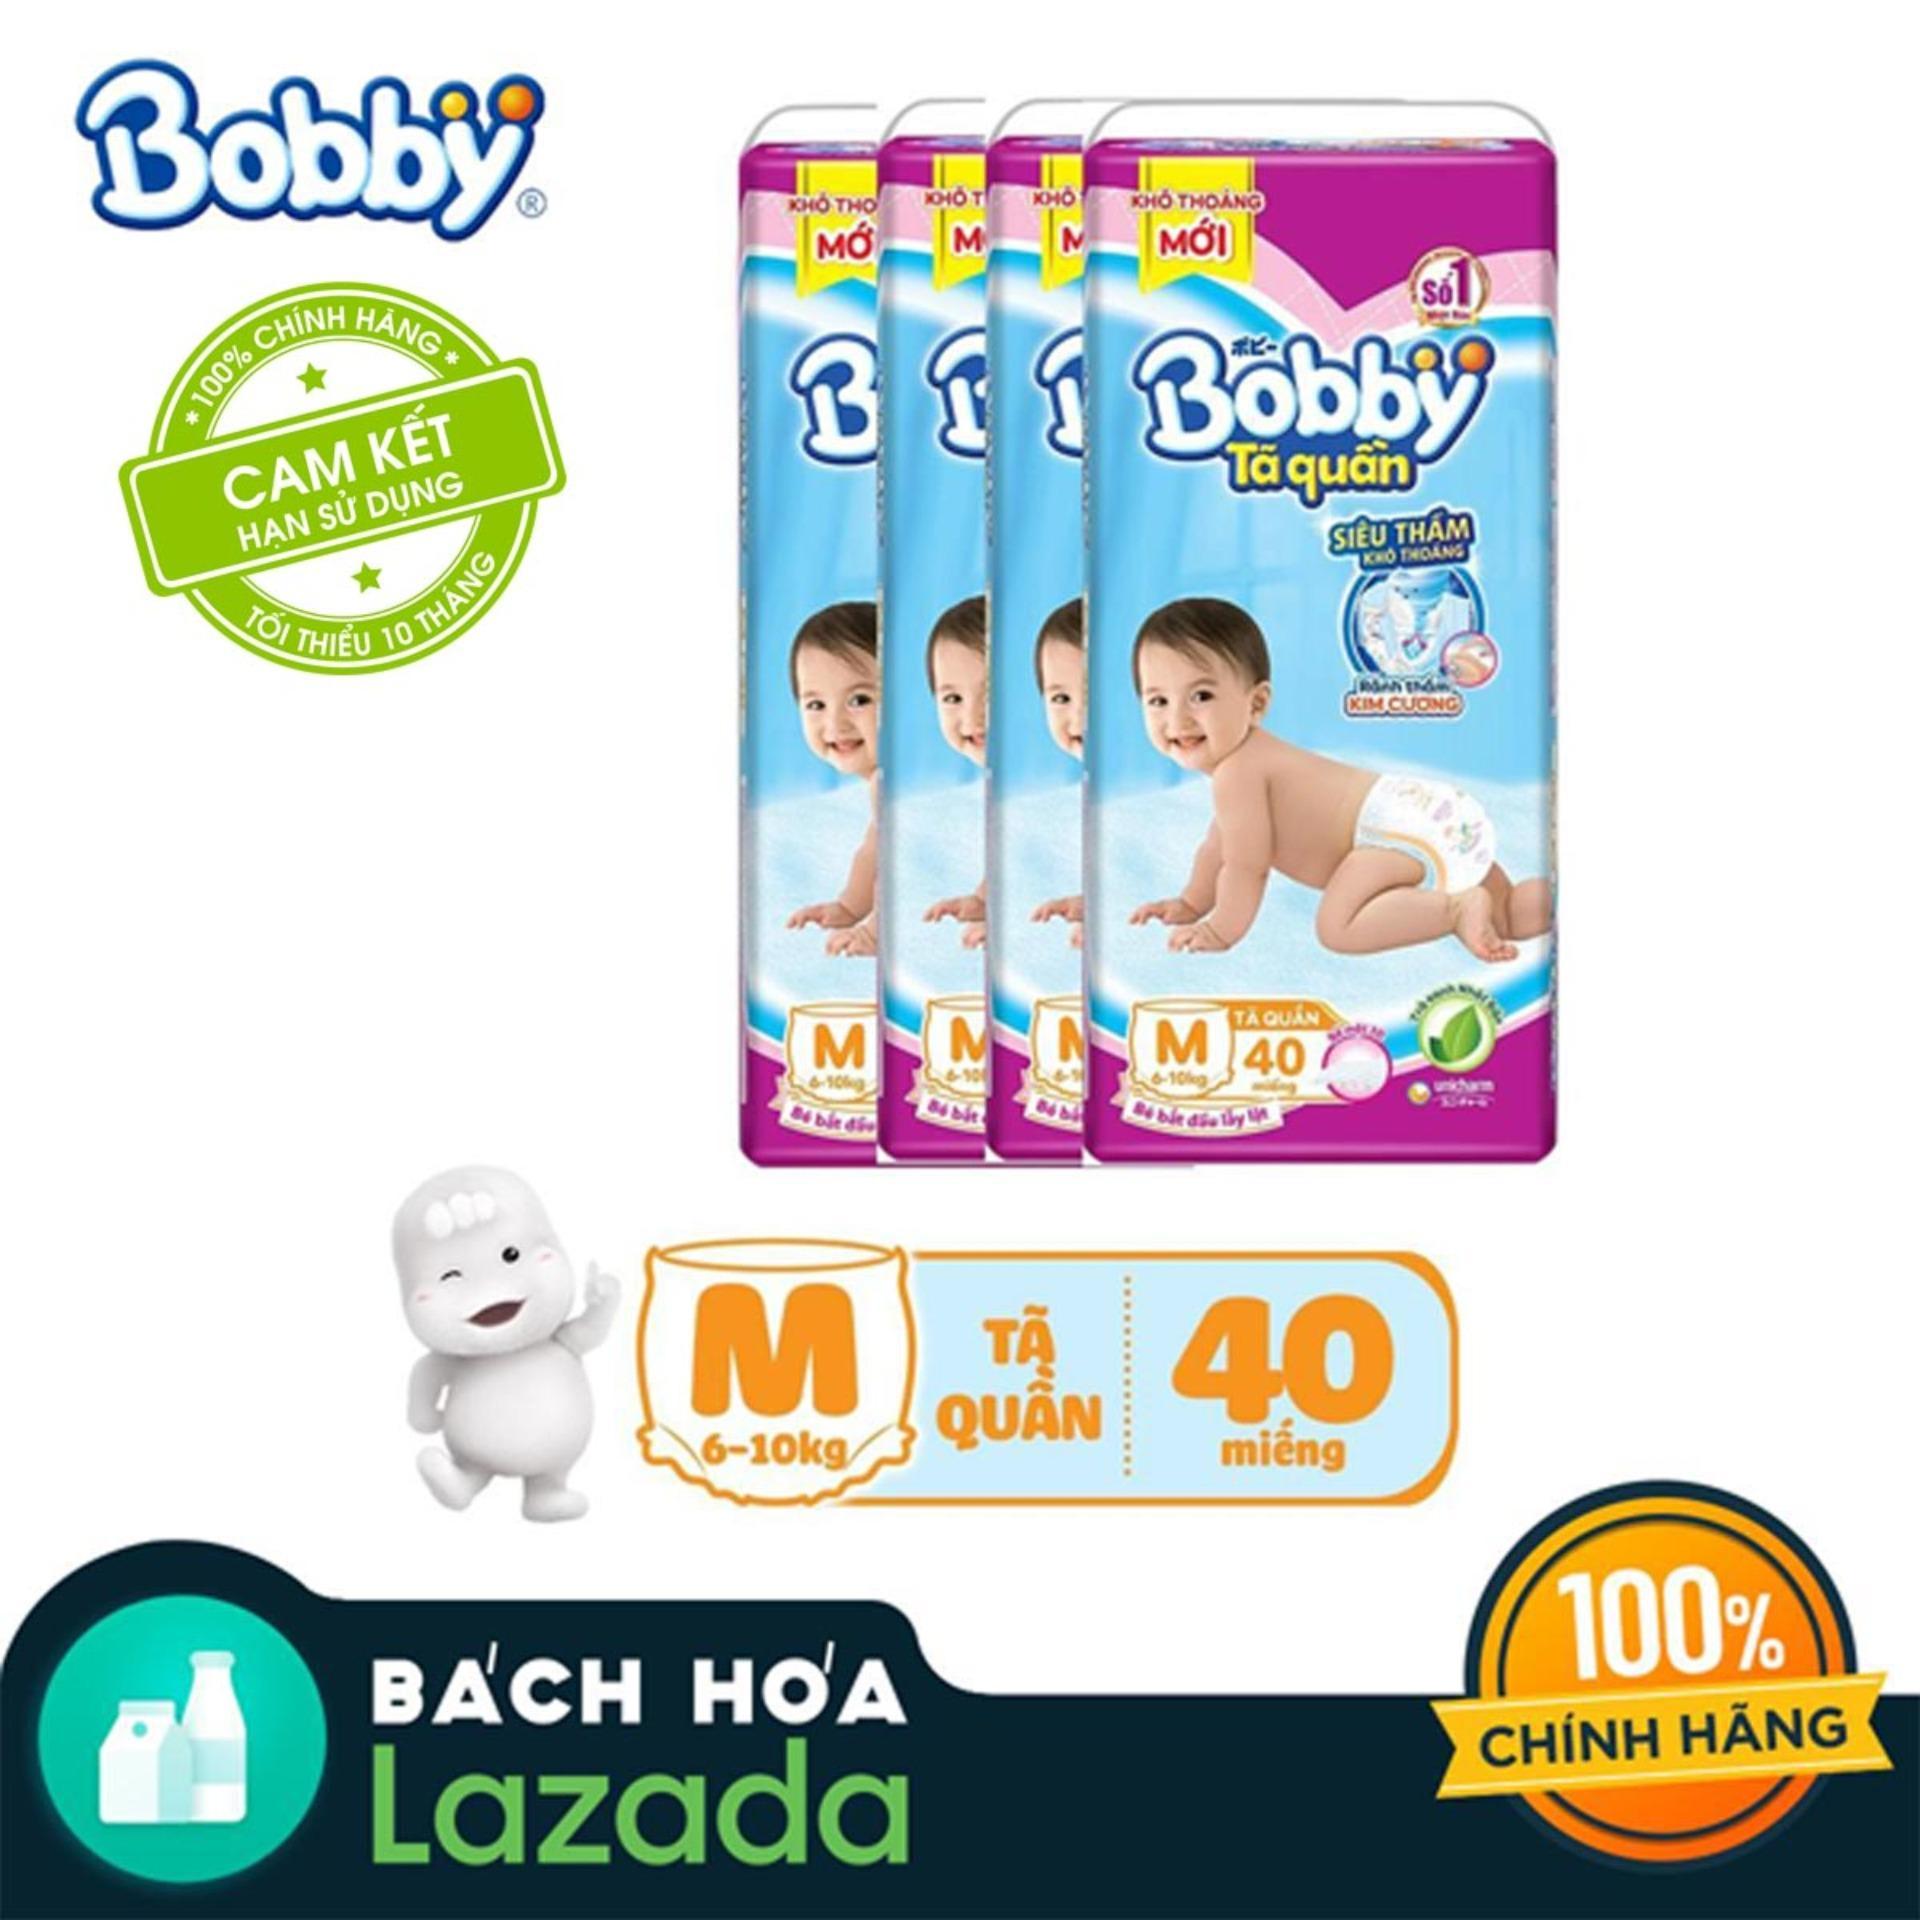 Bộ 4 Tã/bỉm quần Bobby Siêu thấm M40 (6-10kg)